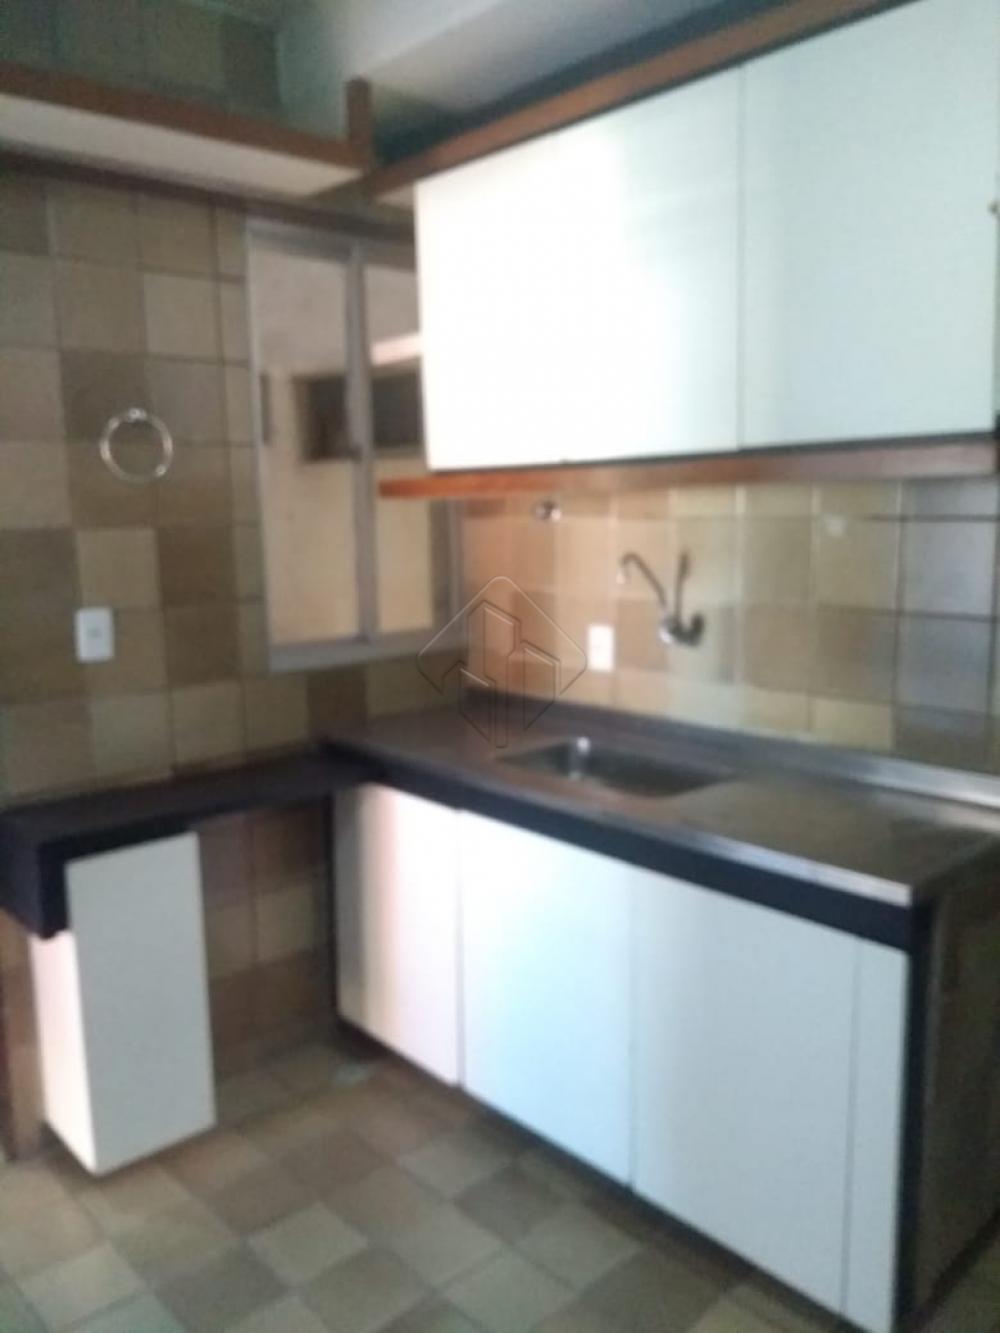 Comprar Apartamento / Padrão em João Pessoa apenas R$ 300.000,00 - Foto 45